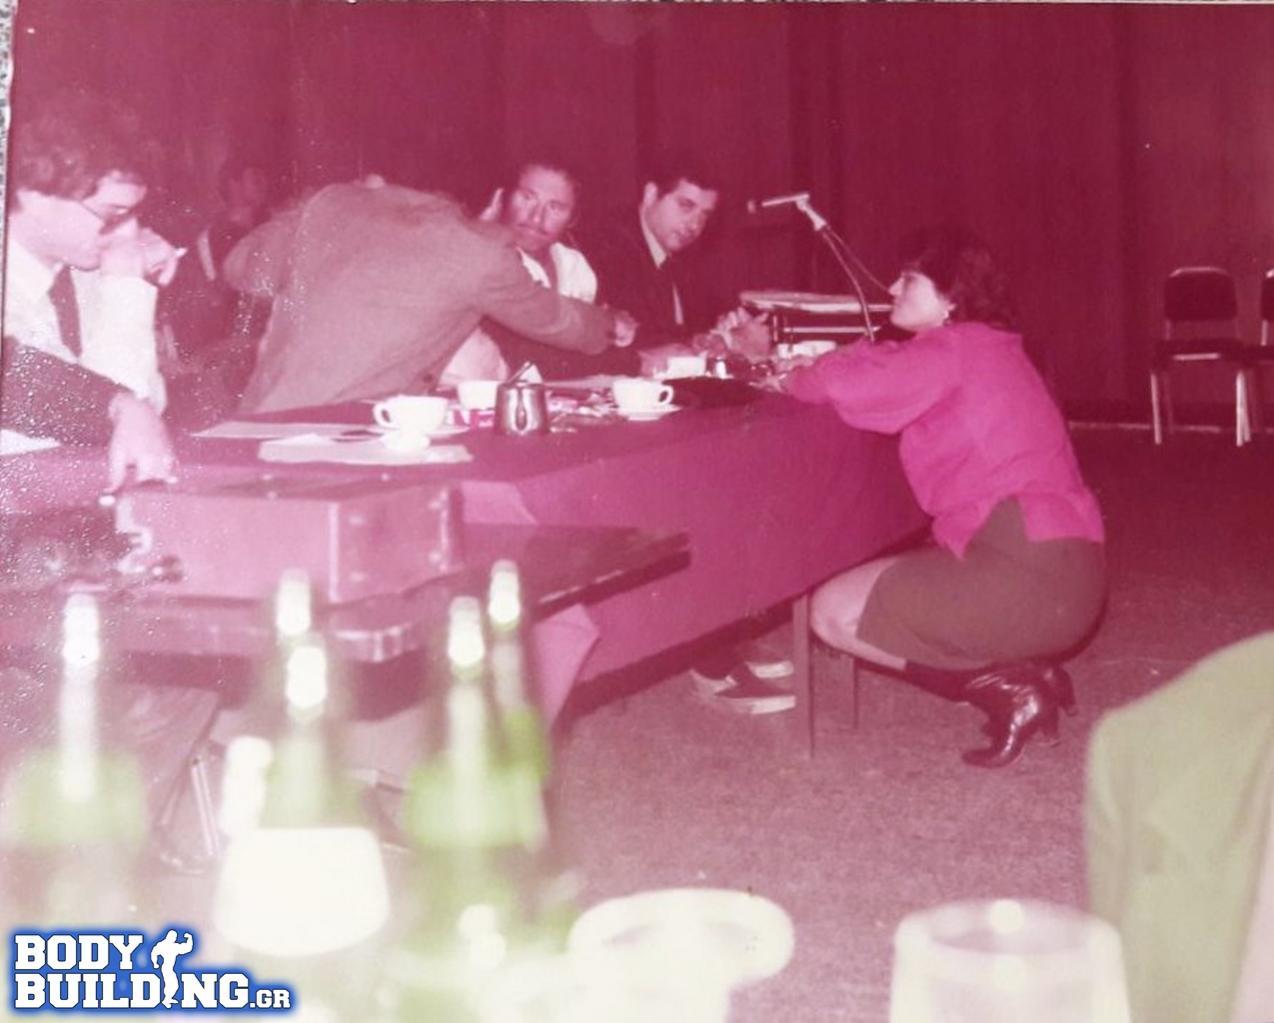 Όνομα: IFBB 1983 (2).jpg Εμφανίσεις: 54 Μέγεθος: 97,5 KB